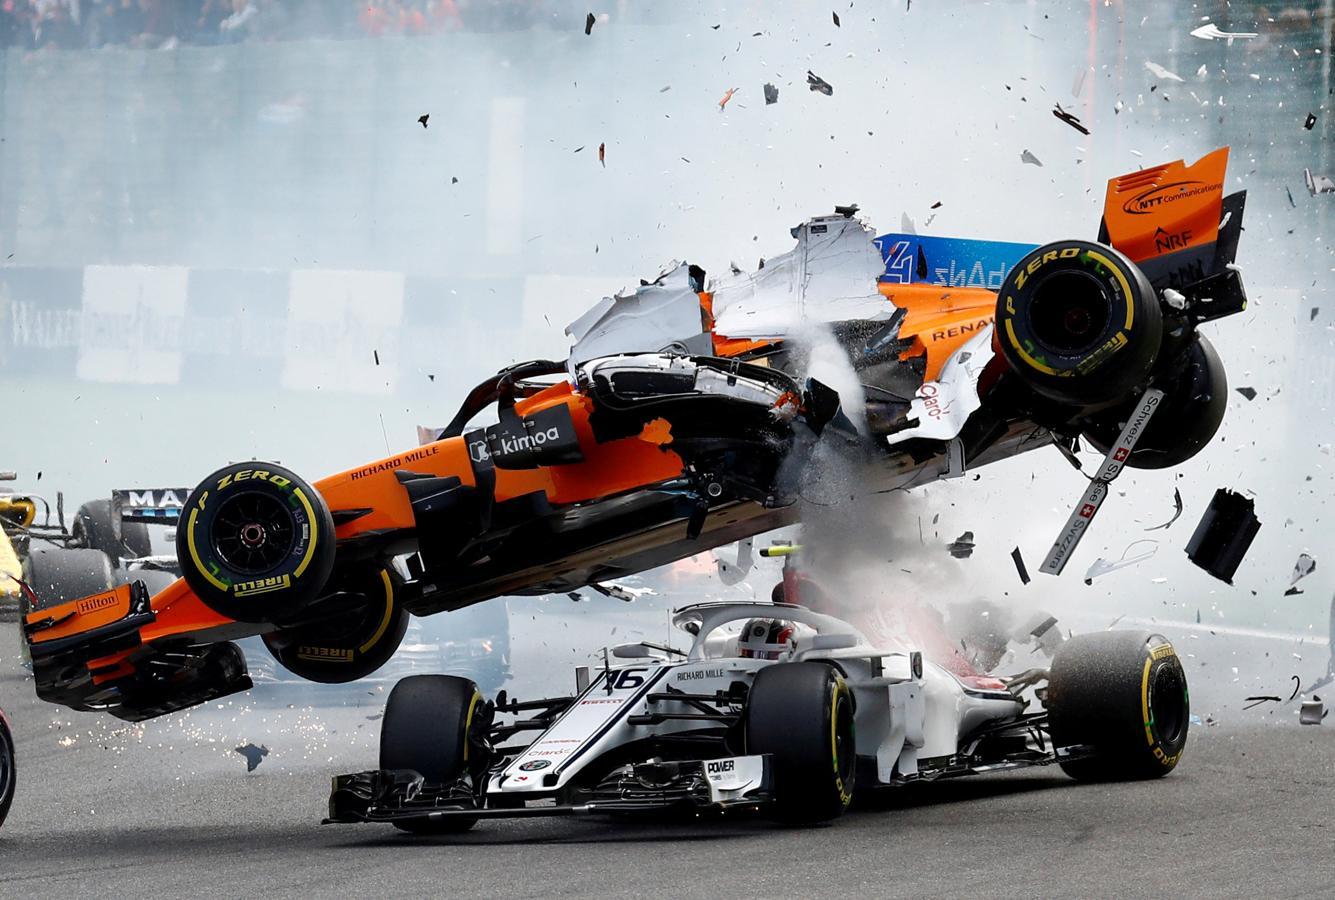 El McLaren de Fernando Alonso y el Sauber de Charles Leclerc se estrellan en la primera curva durante el Gran Premio de Bélgica (Stavelot), el 26 de agosto de 2018.